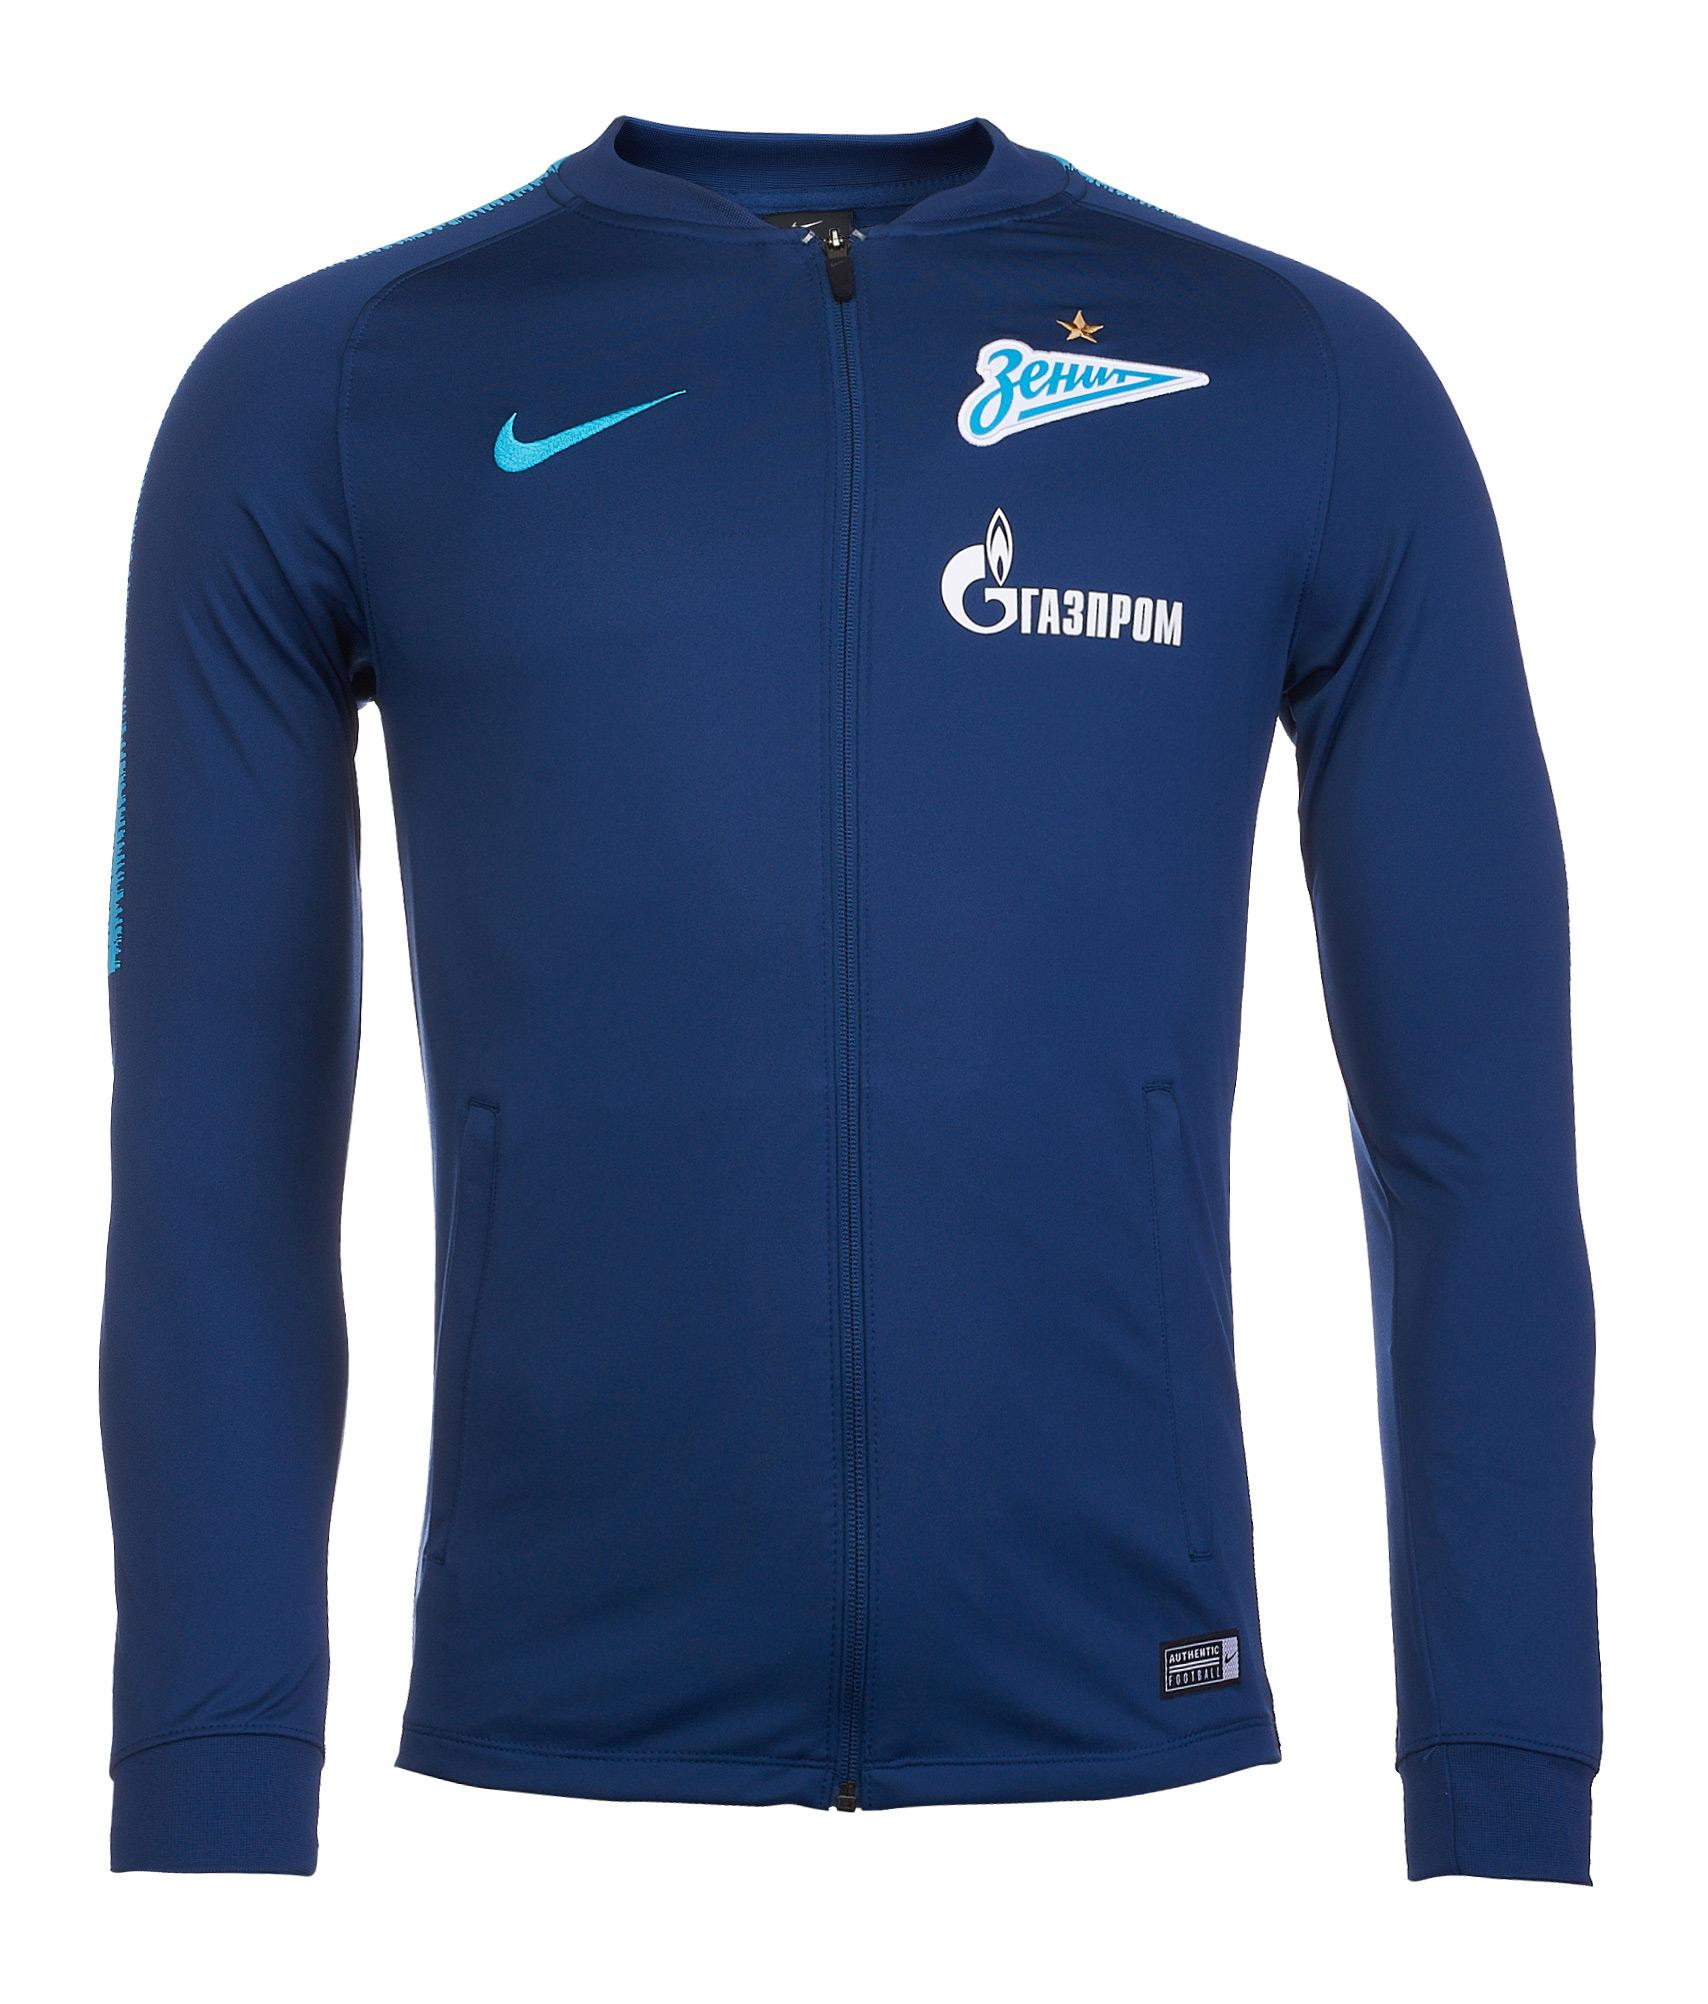 Куртка от костюма Nike Zenit сезона 2018/19 Nike Цвет-Синий куртка для костюма nike academy 14 sdln knit jkt 588470 739